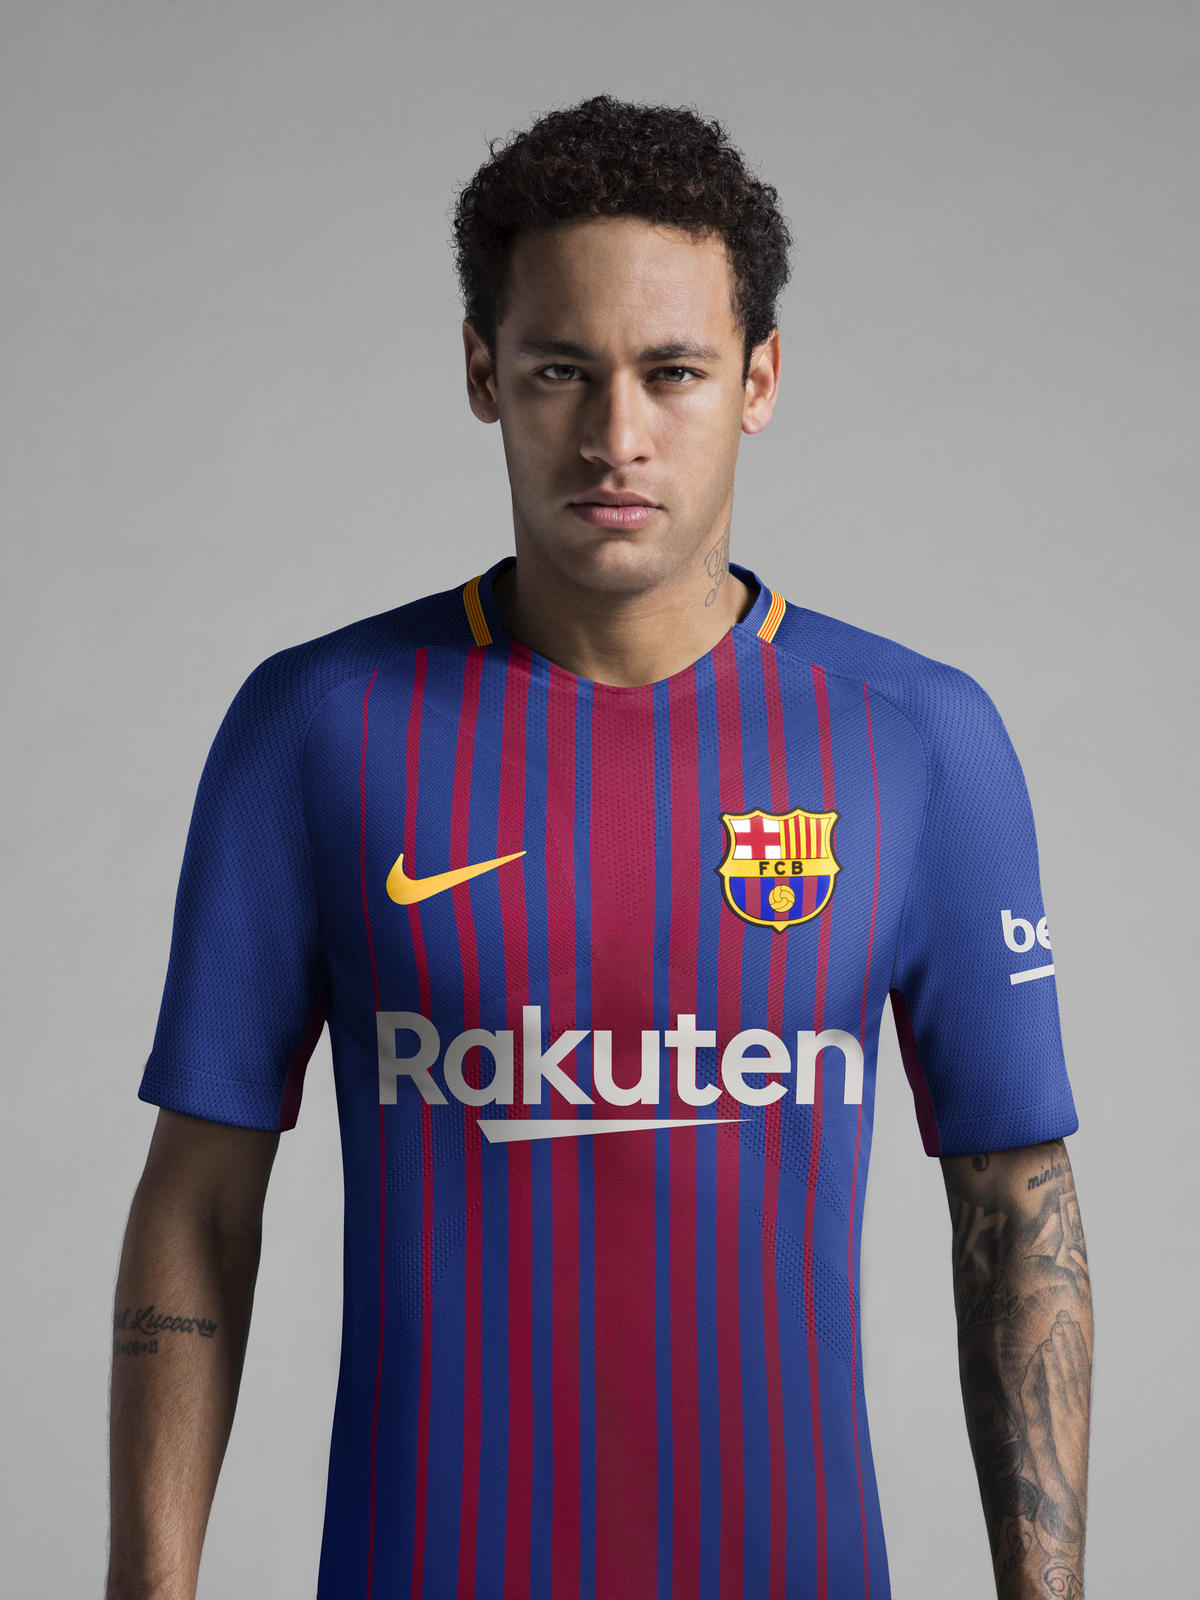 sale retailer 4b810 40bfb FC Barcelona Home Kit 2017-18 - Nike News